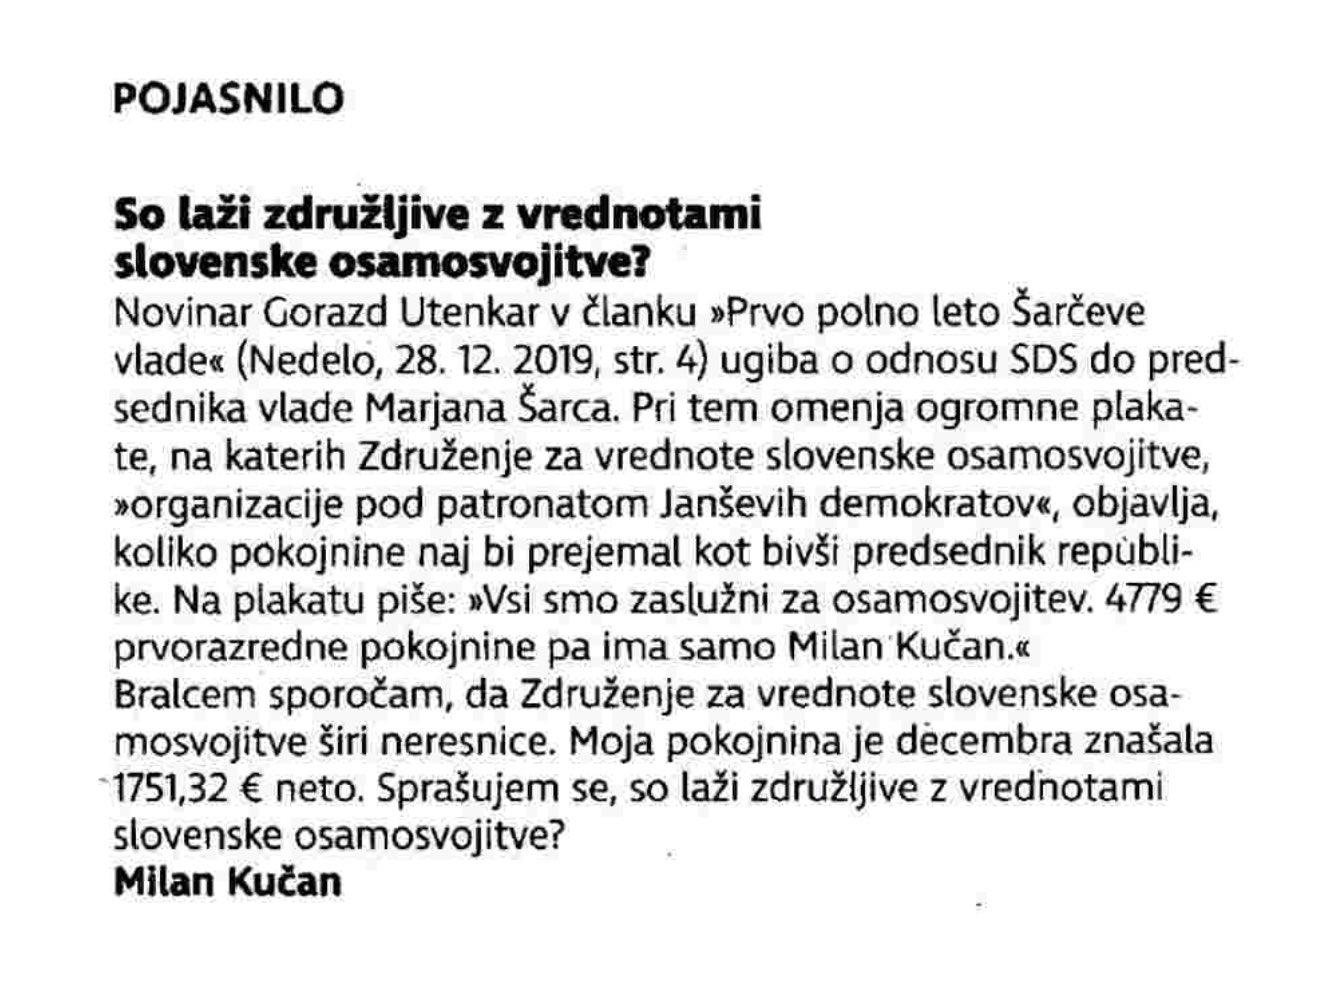 Zavajajoči odgovor Milana Kučana iz časopisa Nedelo. (Foto: Twitter)